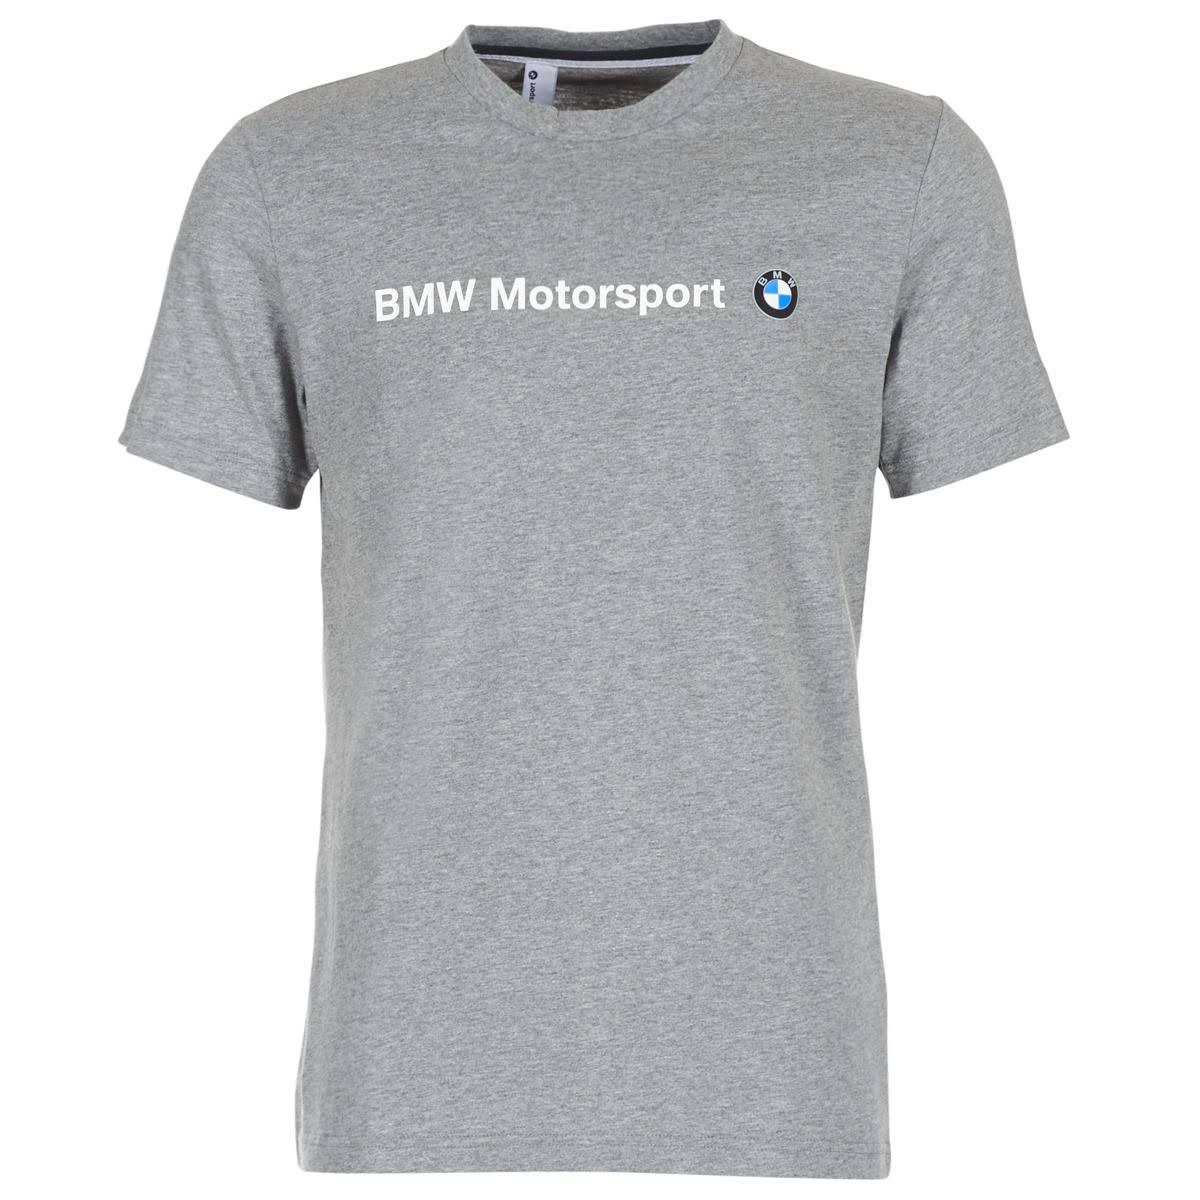 Puma T herren Logo Msp Bmw shirt rW0twArqz1